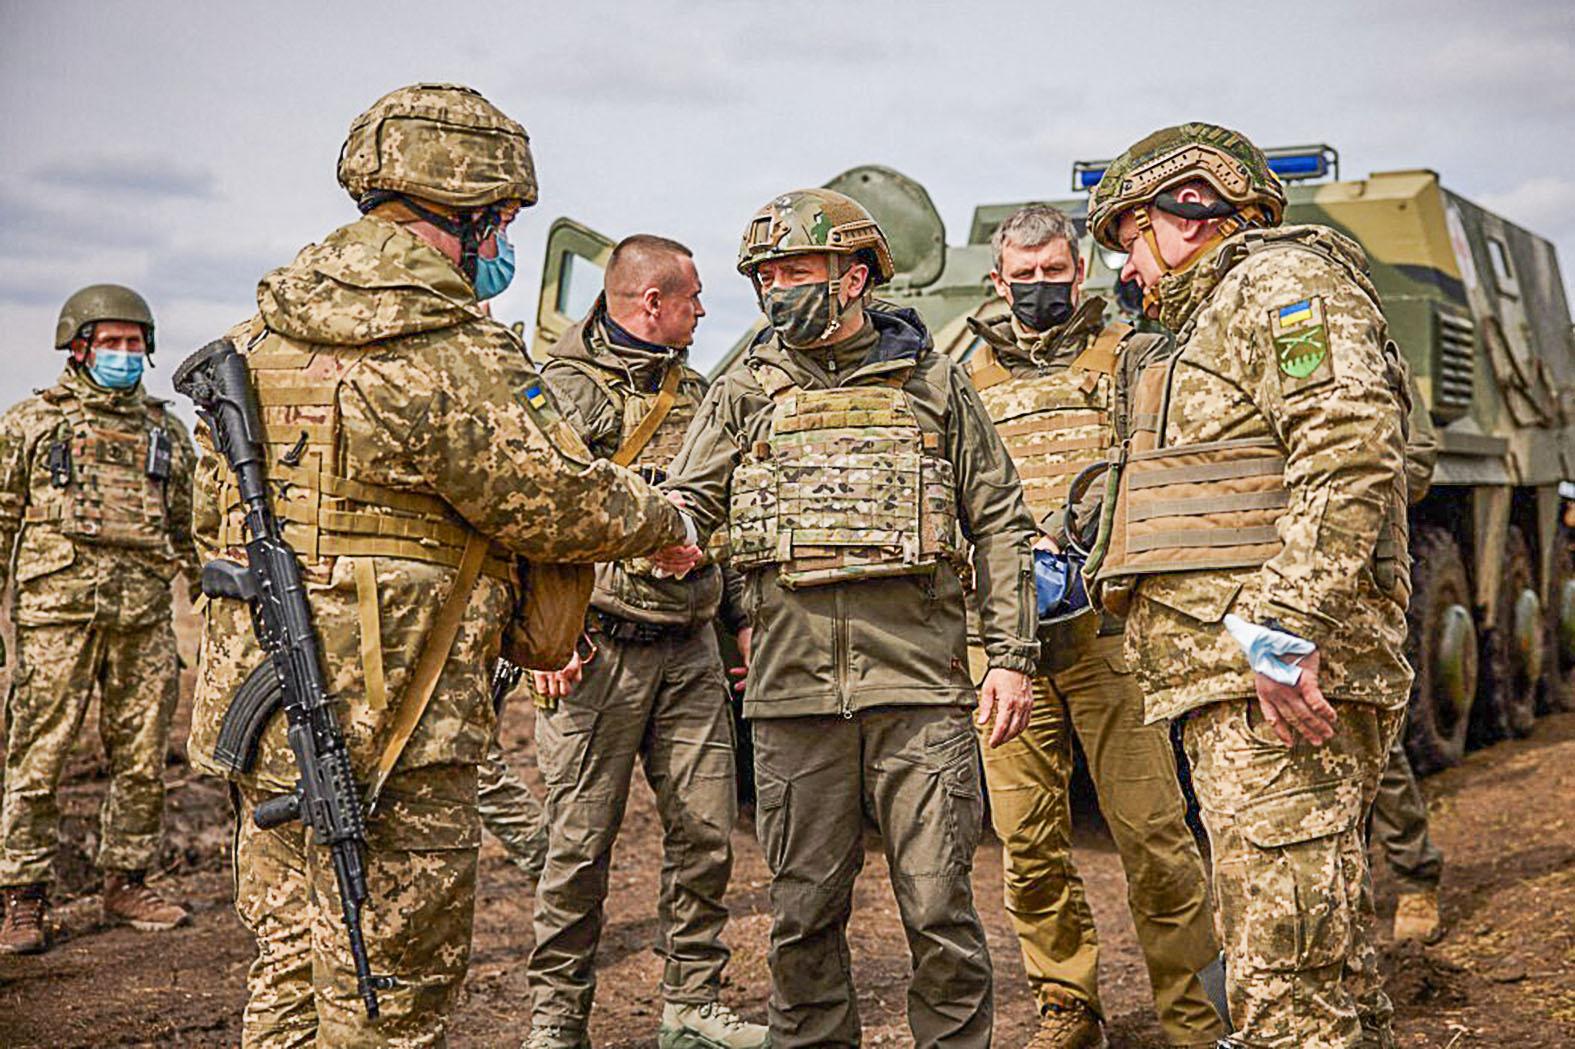 """""""A hadsereg főparancsnokaként a kelet-ukrajnai frontvonalra utazott, és a harci kedvet erősítette Volodimir Zelenszkij ukrán elnök. Közben a <békét veszélyben látva> Kijevbe sietett a lengyel külügyminiszter, Vlagyimir Putyin pedig Angela Merkellel egyeztetett. Egymást érik a kölcsönös vádaskodások"""" #moszkvater"""